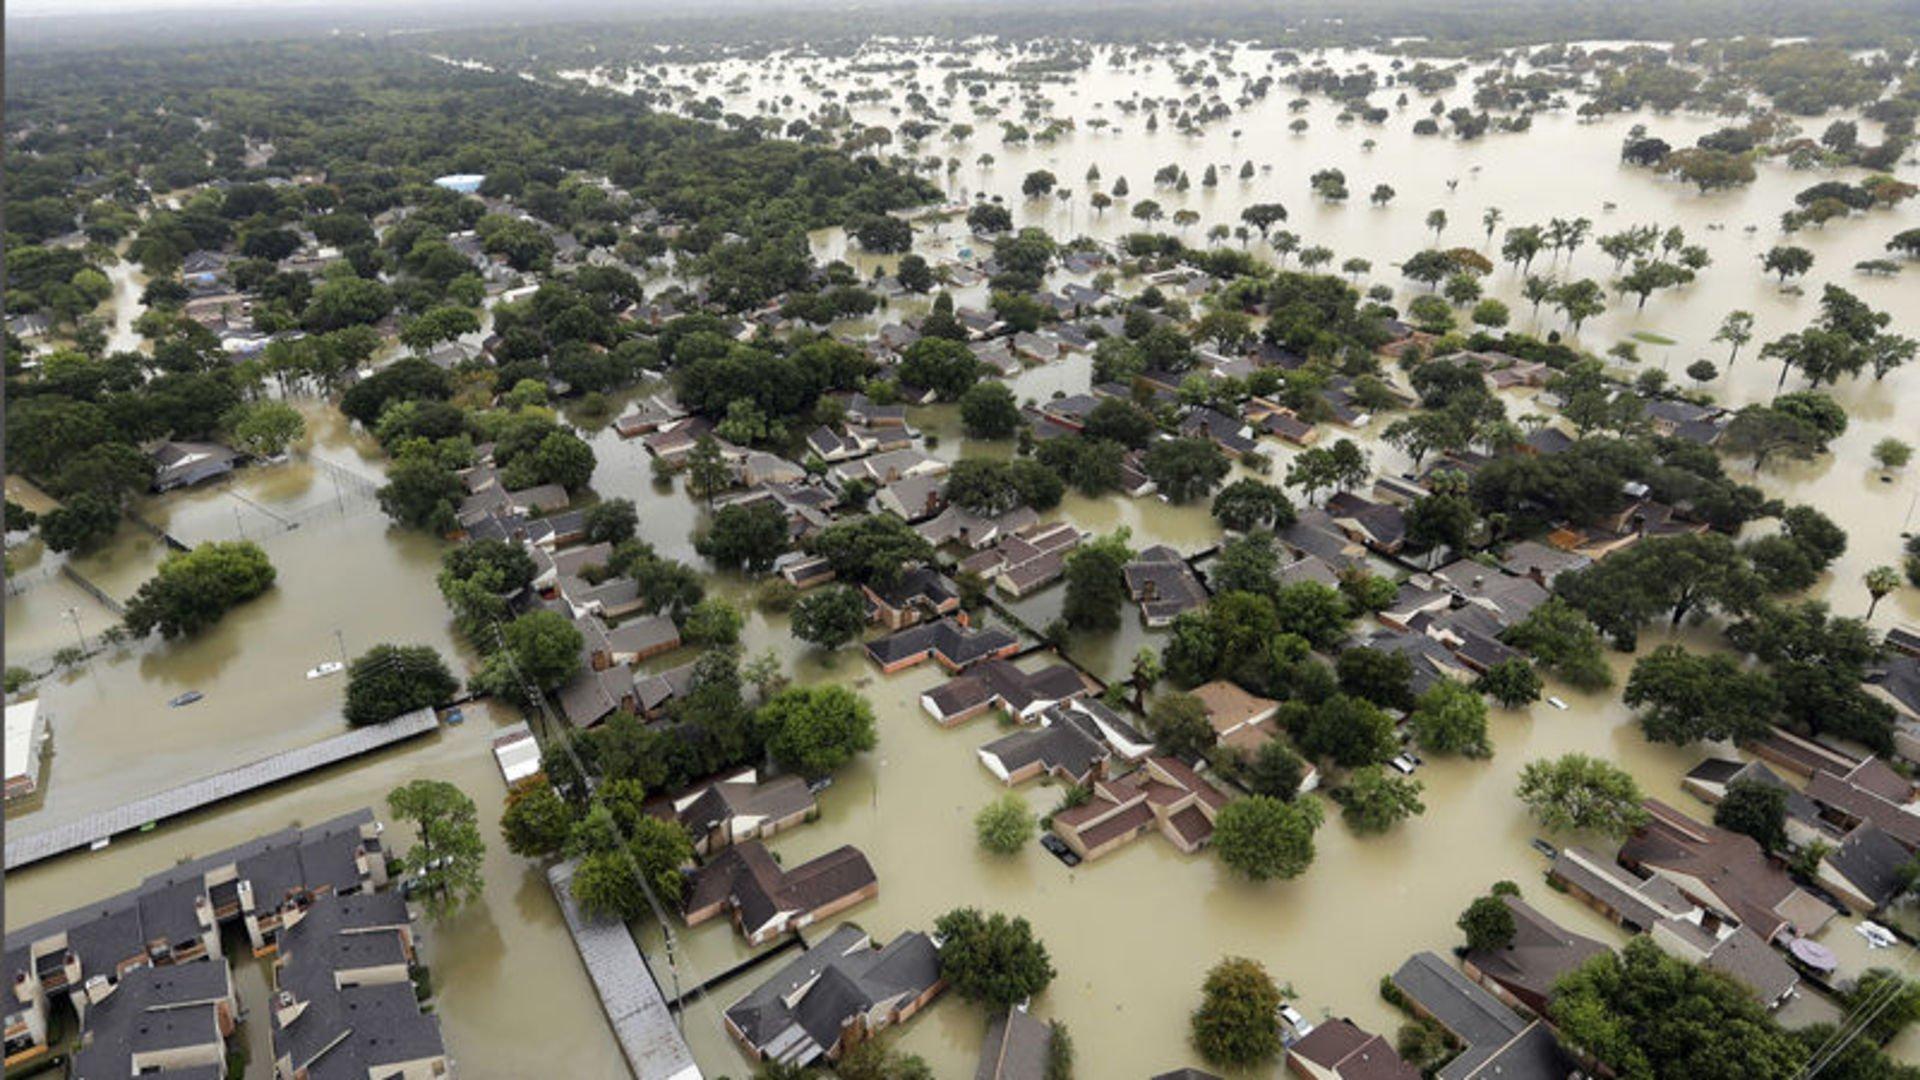 Dünyayı bekleyen felaket: Kasırga ve hortumlar - Haberler